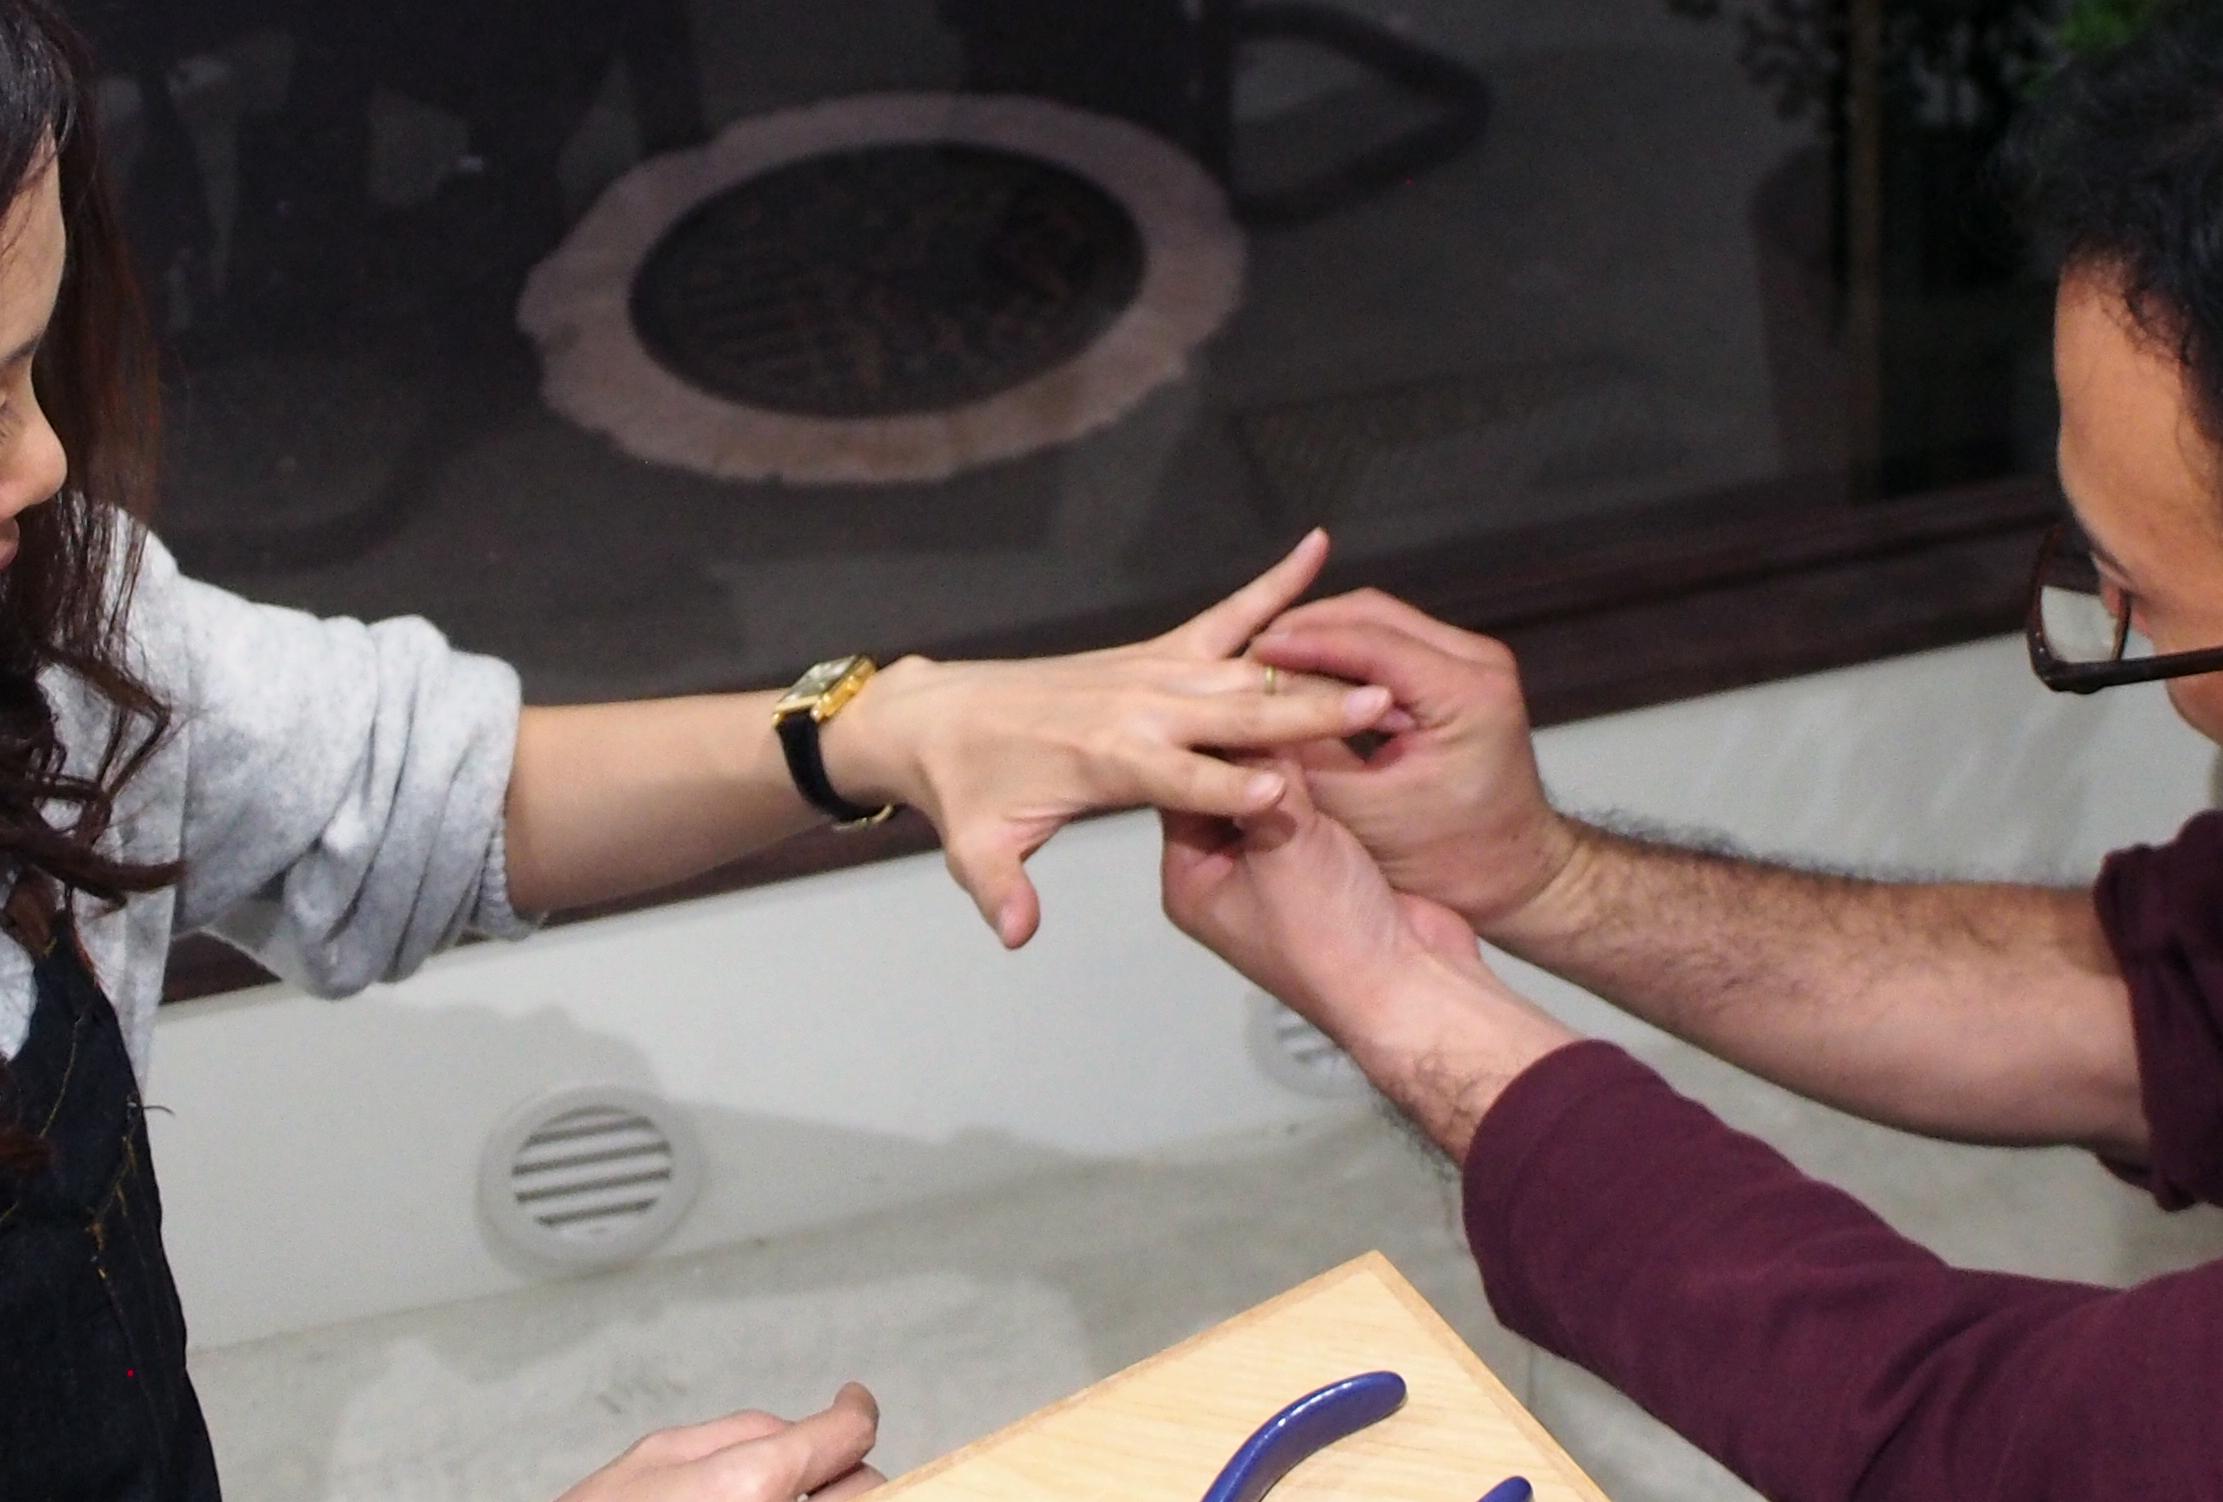 サイズを確認しながら結婚指輪を制作する